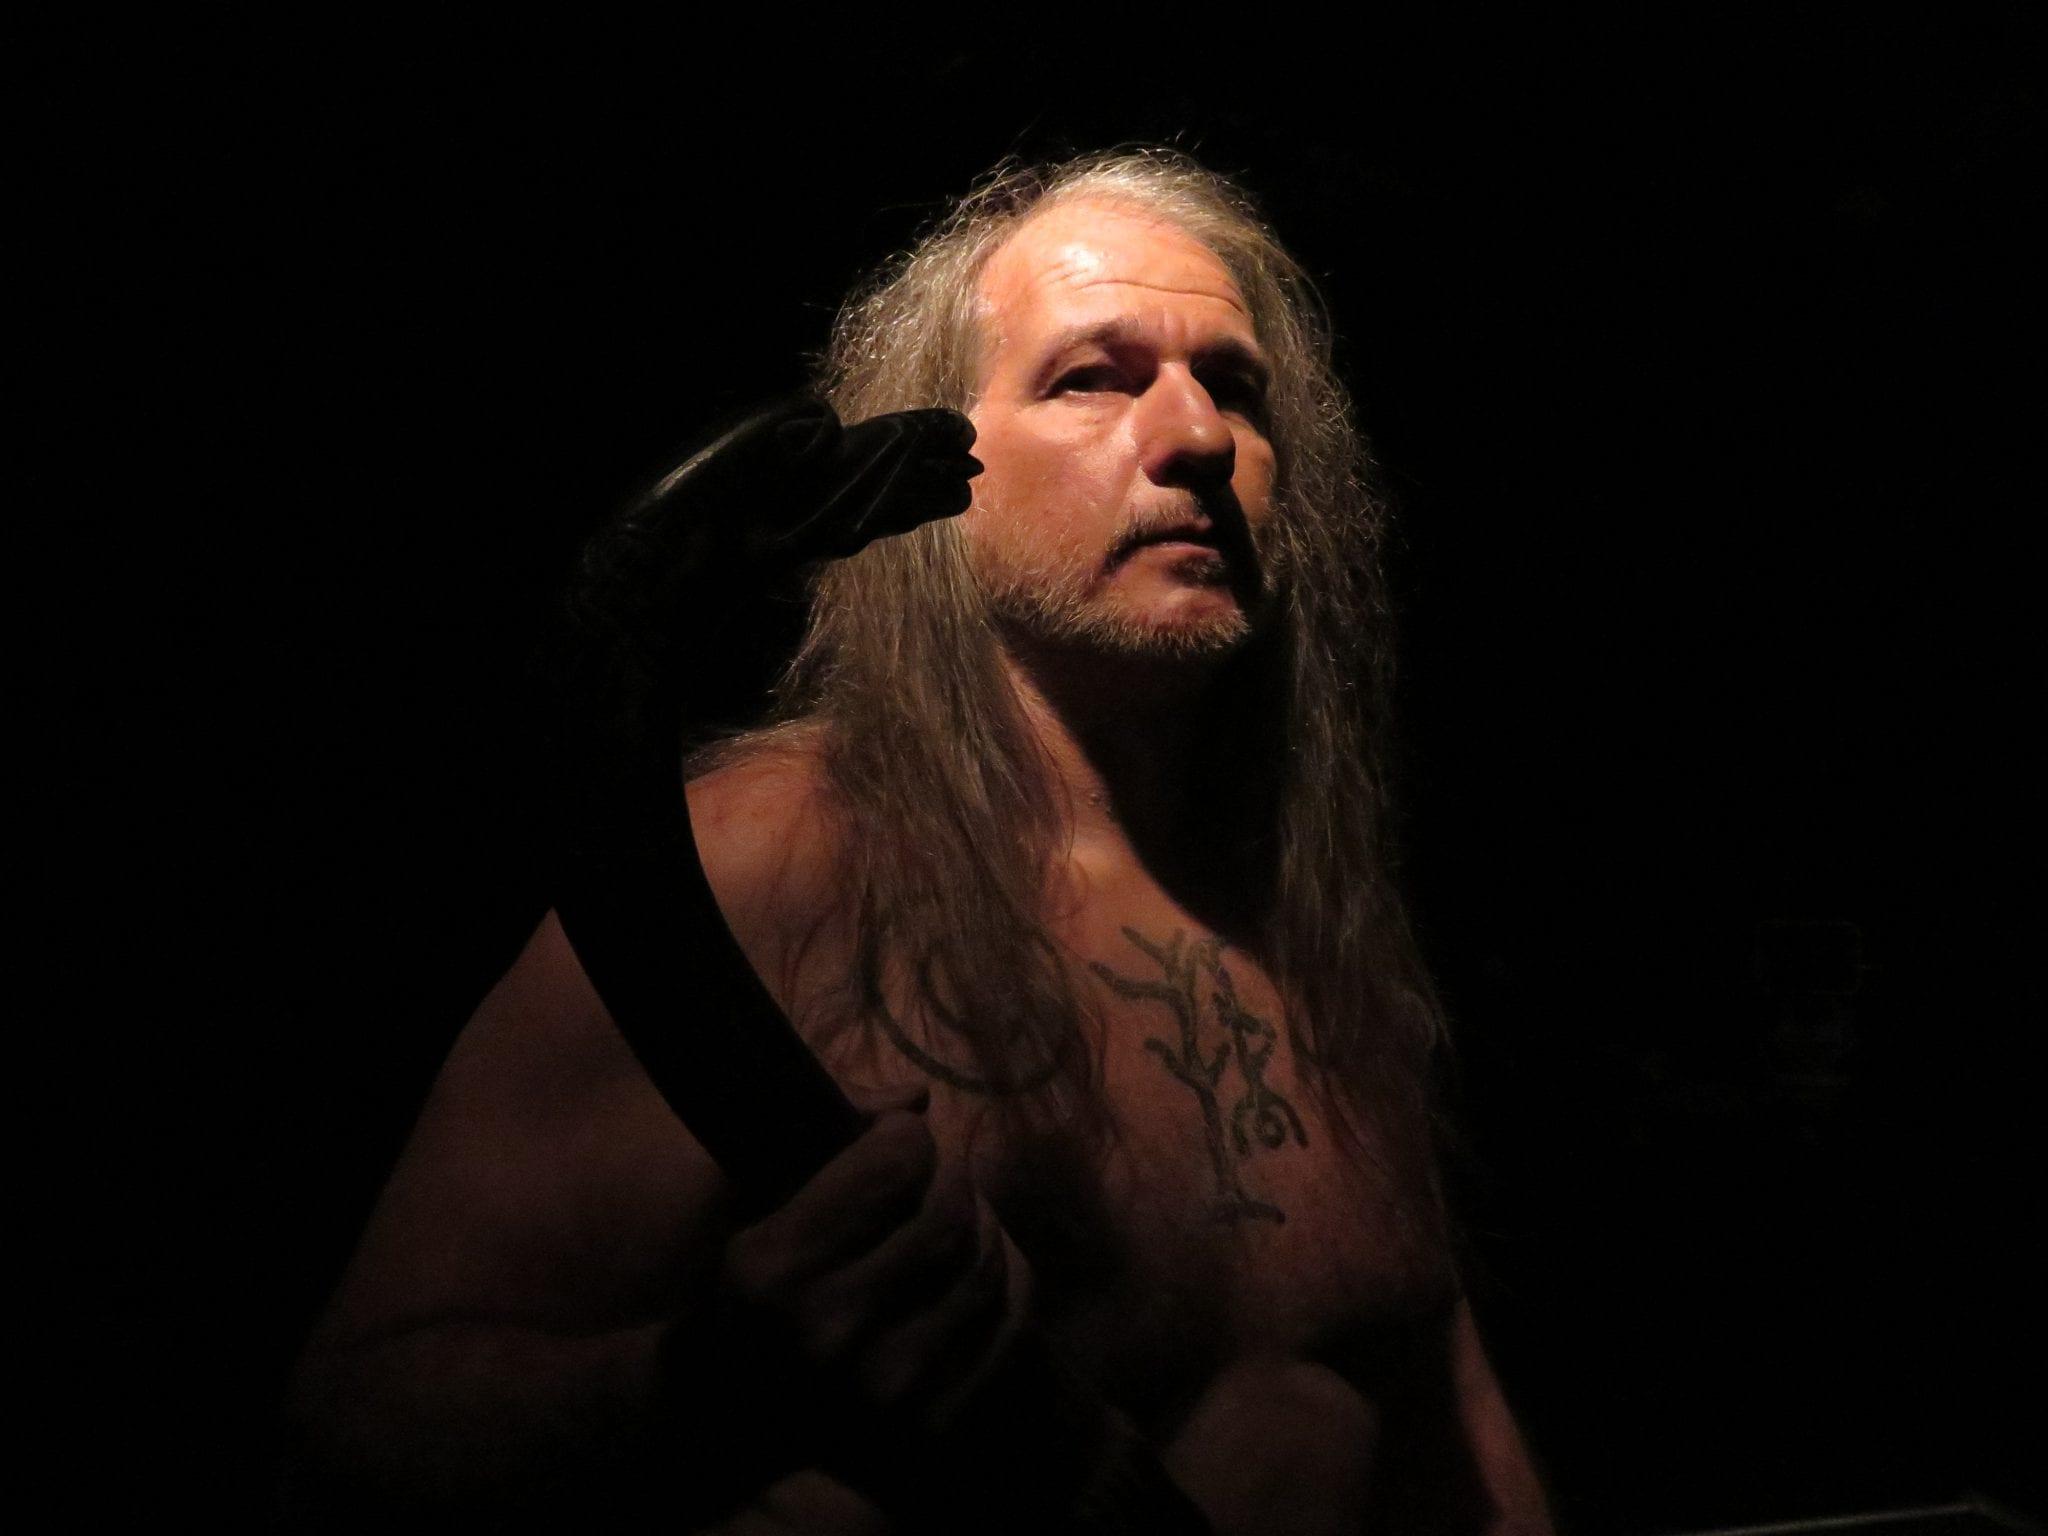 Ekspert på norrøn tro, Lars Magnar Enoksen om vikingtid, Tor og Odin, Herland Report